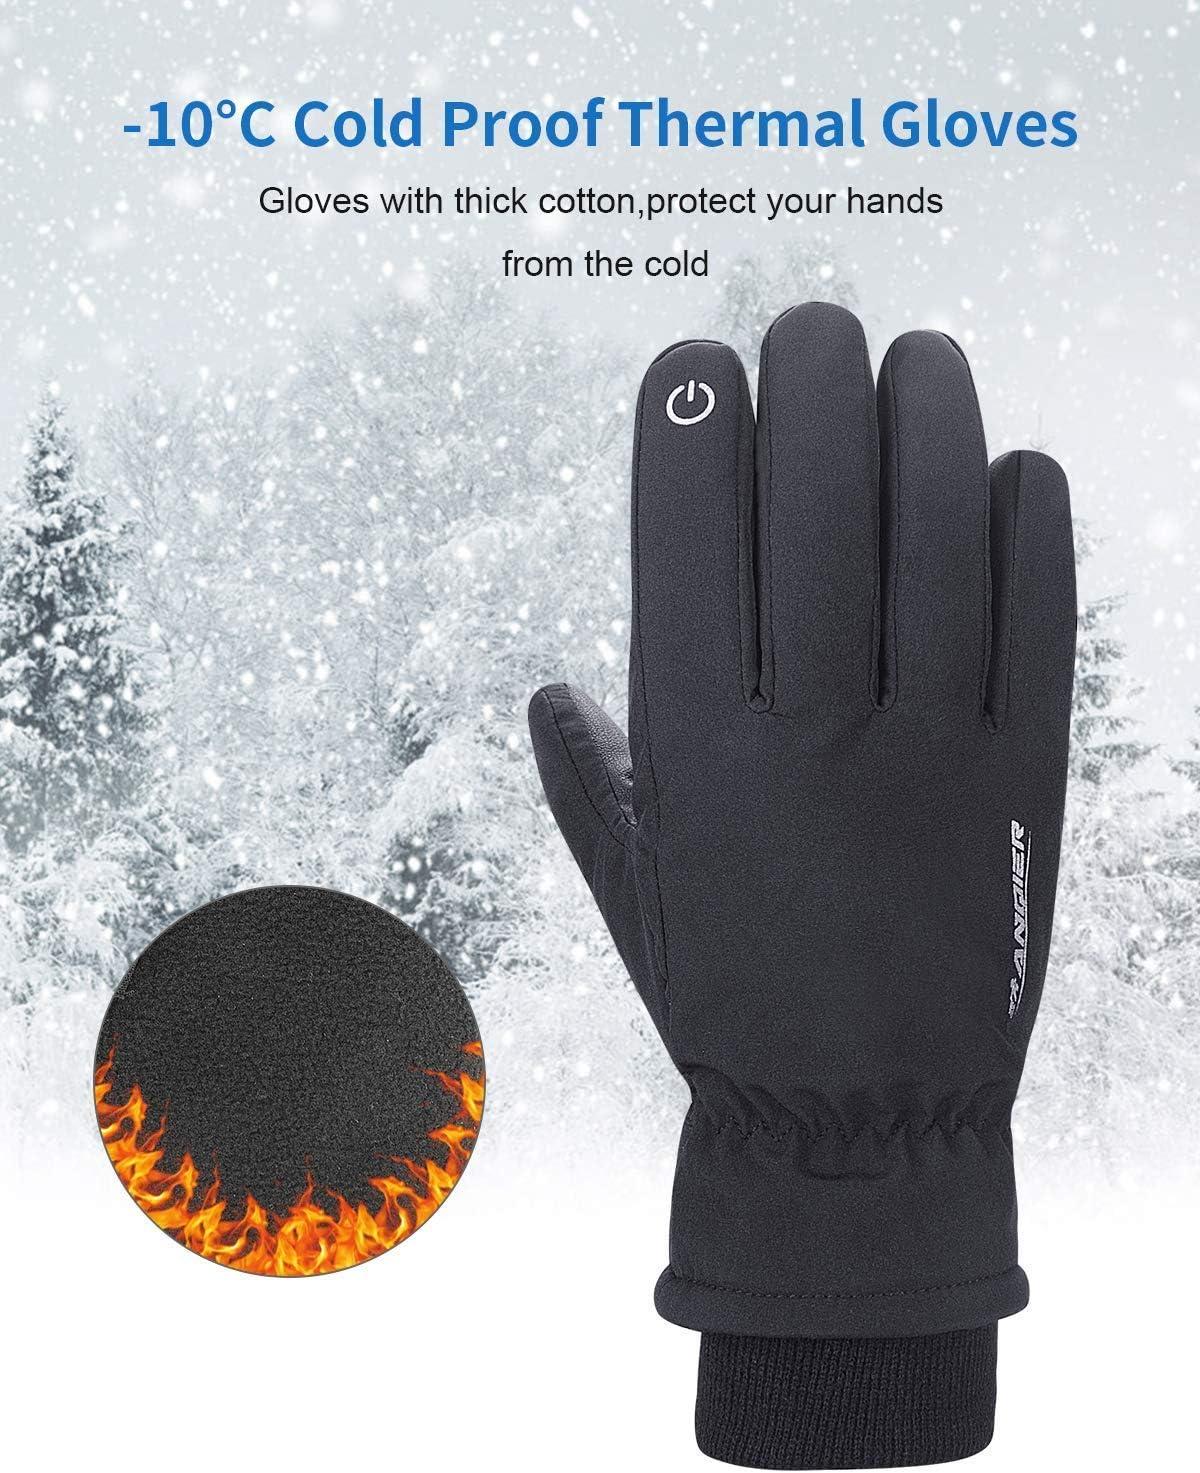 Camoro Gants dhiver pour Hommes et Femmes /à /écran Tactile Ski Chaud Gants Coupe-Vent froids